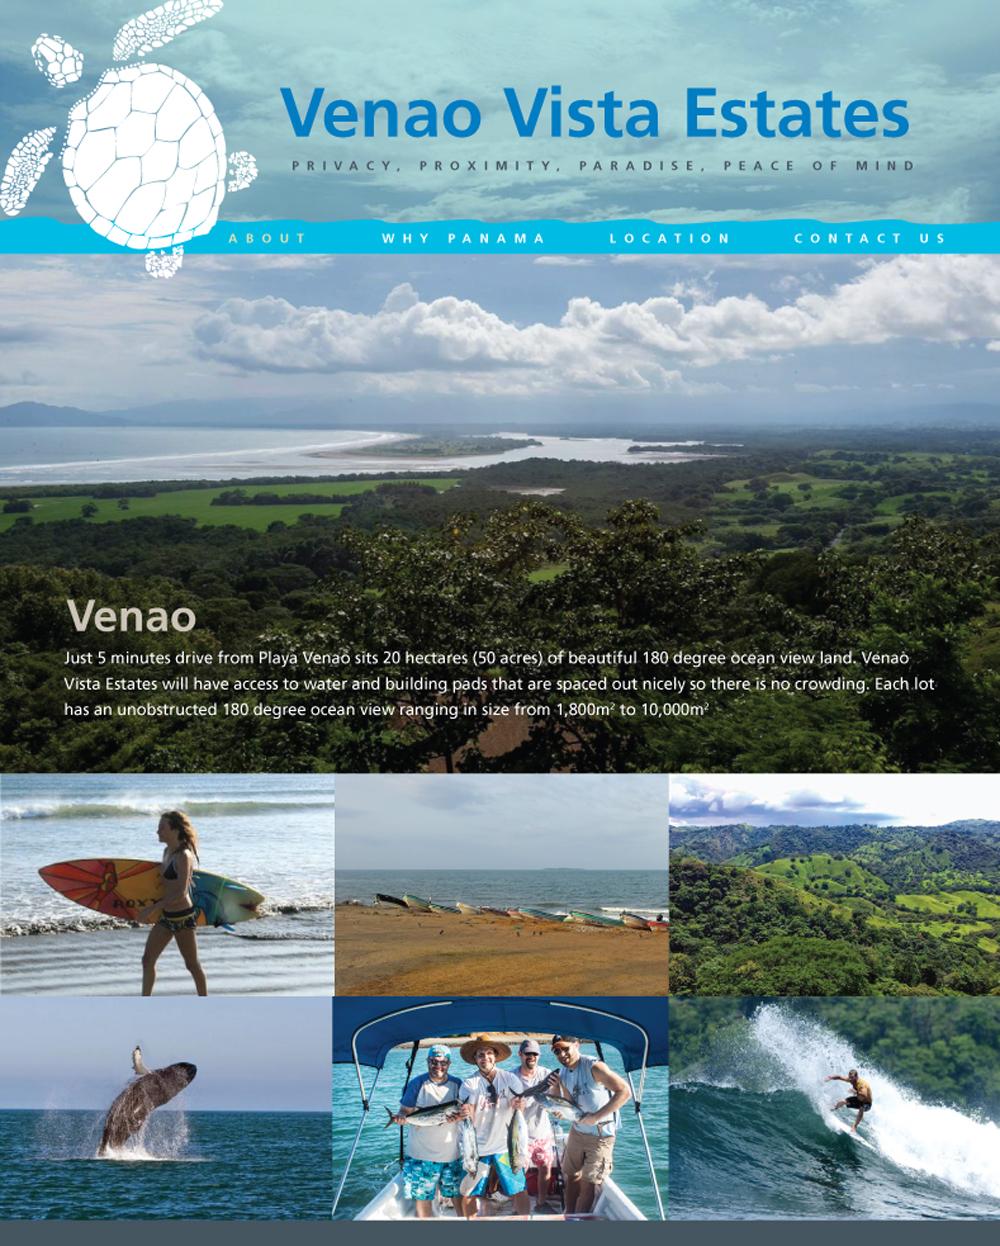 Veneo Vista Estates